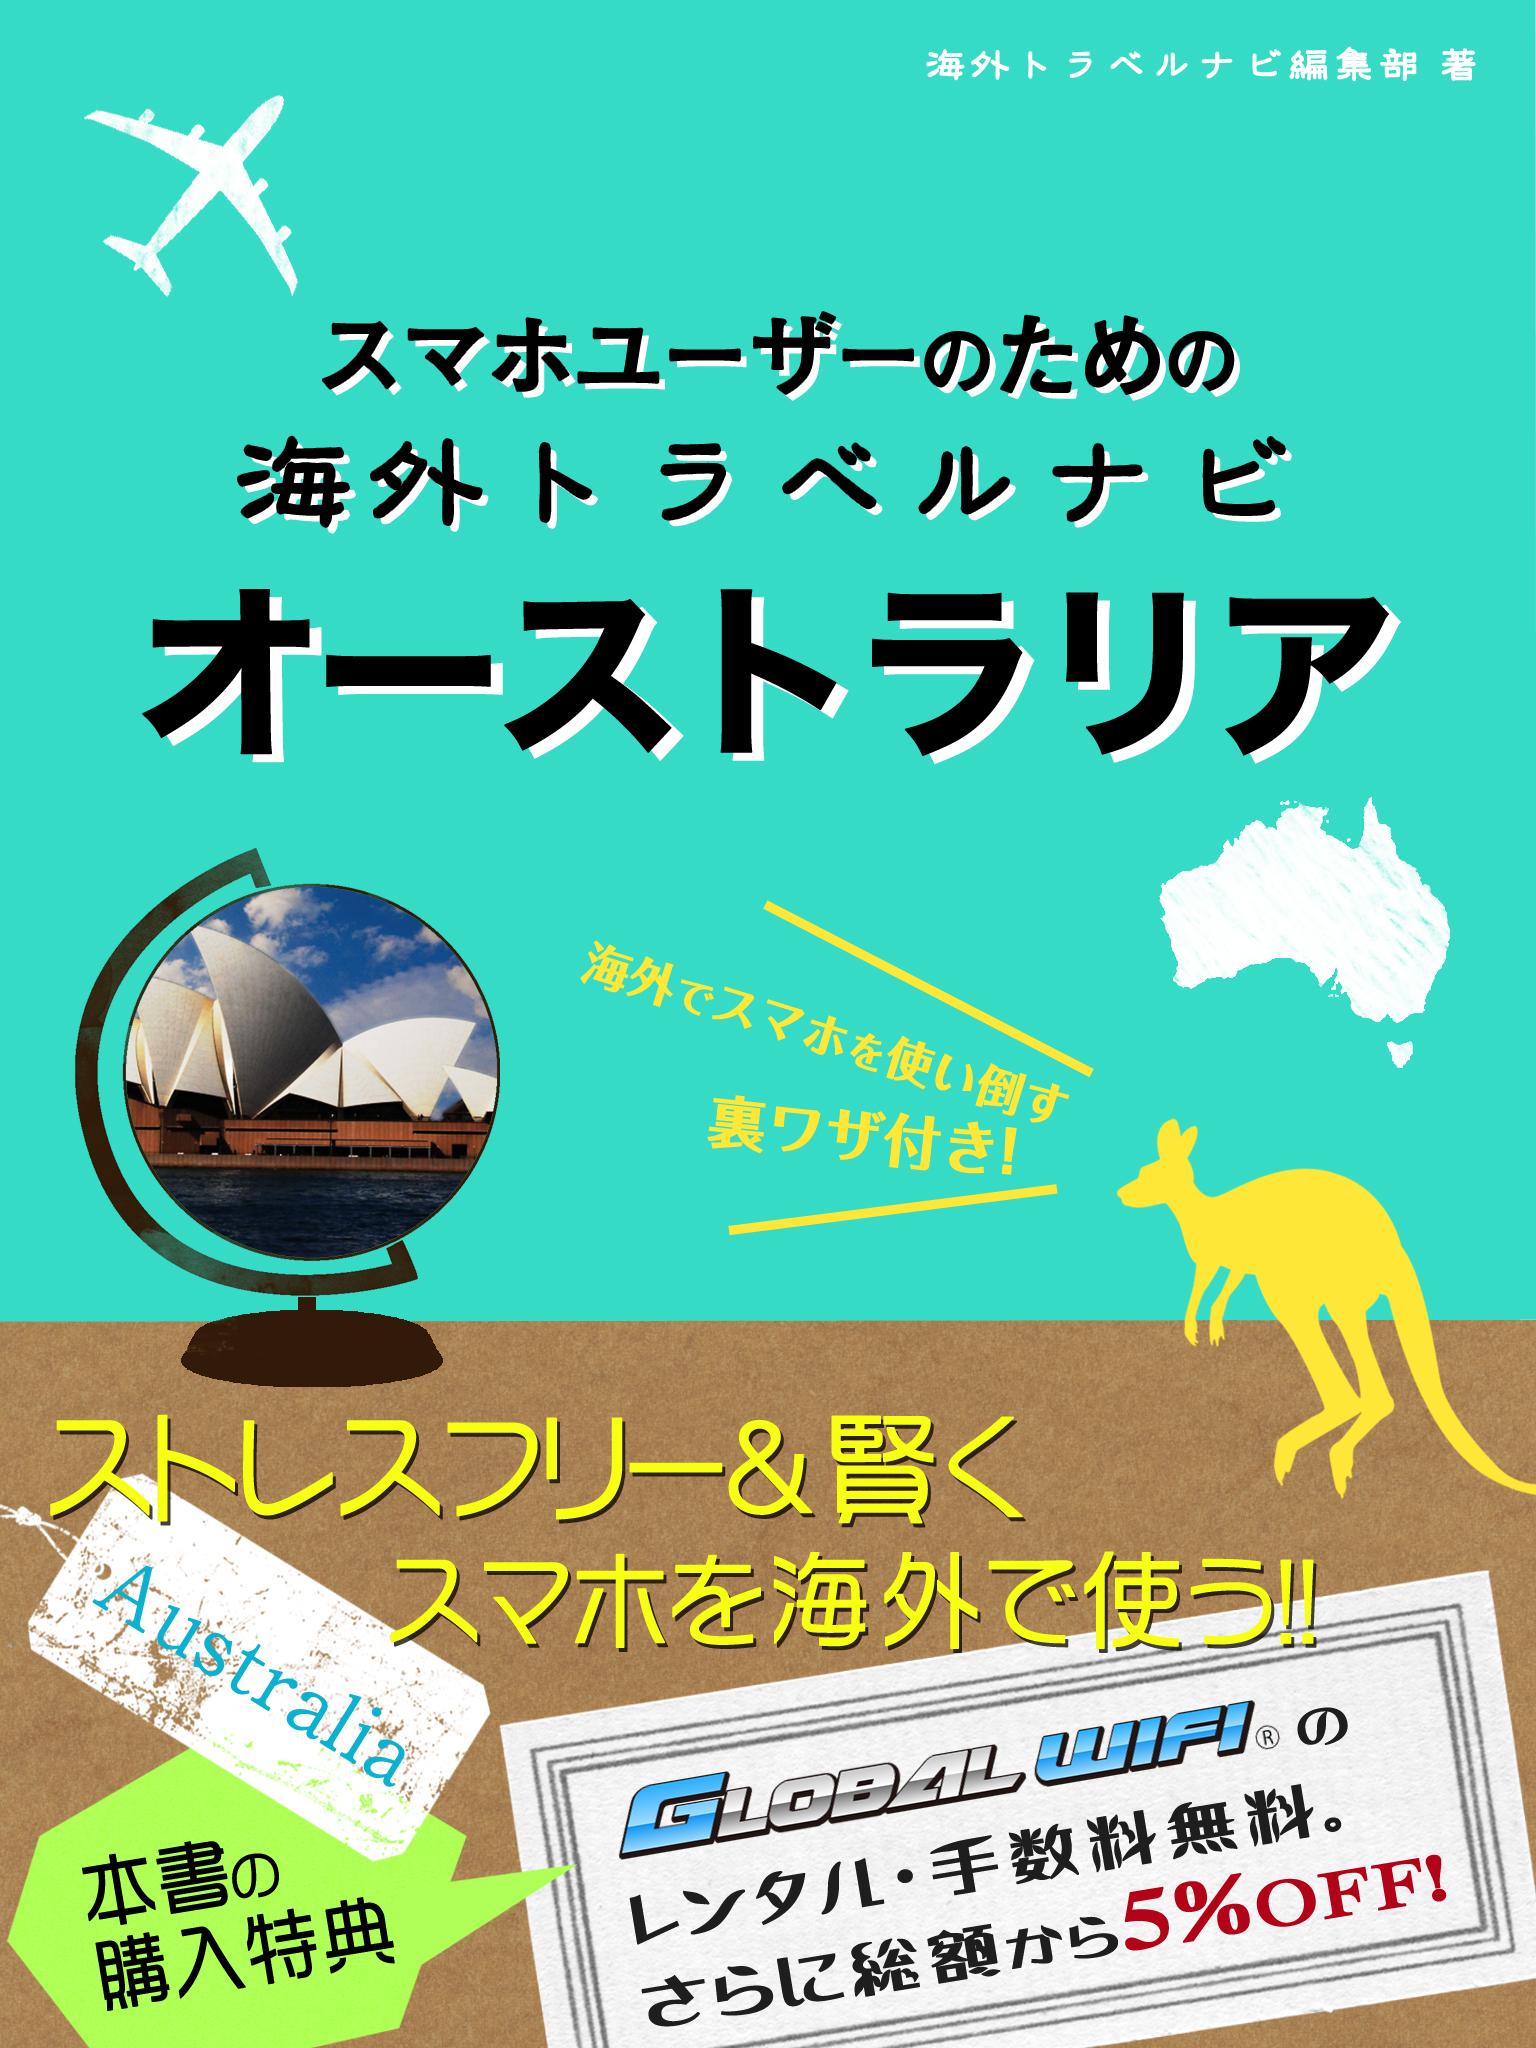 スマホユーザーのための海外トラベルナビ オーストラリア